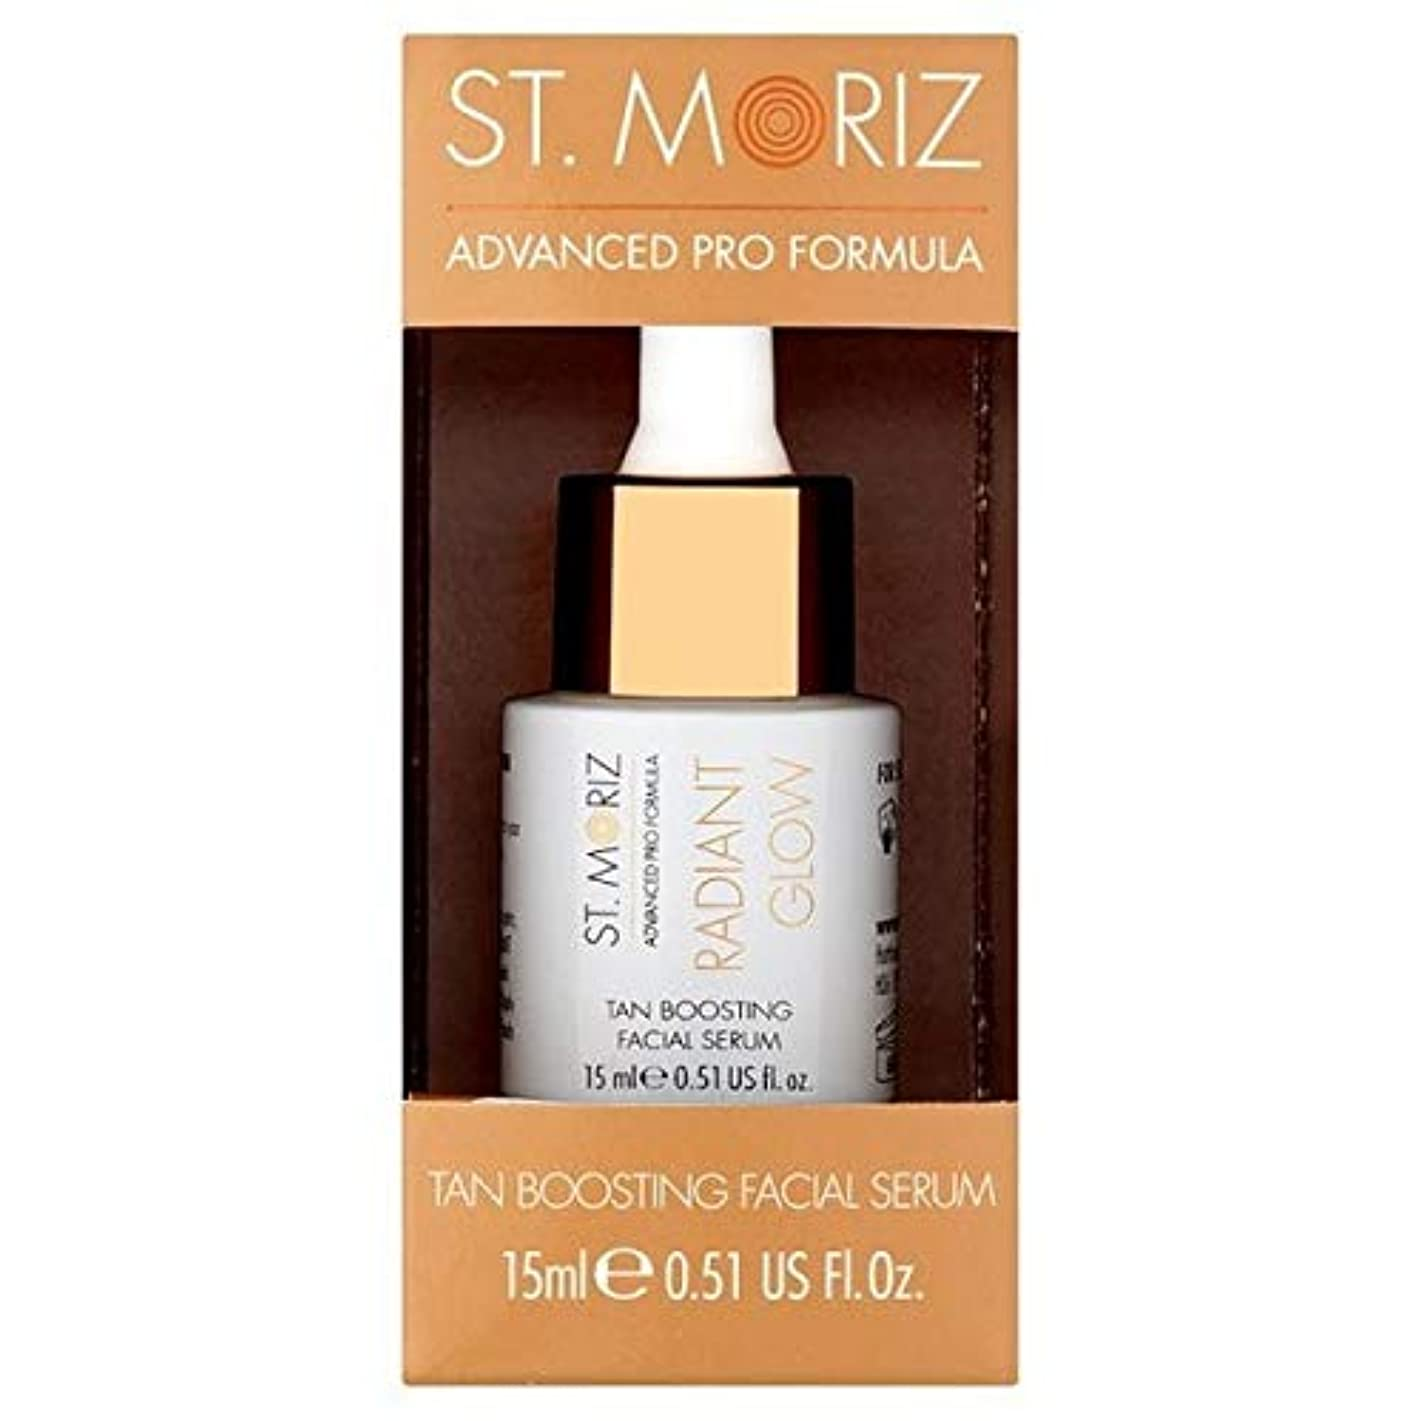 枢機卿構成員飢えた[St Moriz] St。顔の血清15ミリリットルを高めるMoriz高度なプロの日焼け - St. Moriz Advanced Pro Tan Boosting Facial Serum 15ml [並行輸入品]